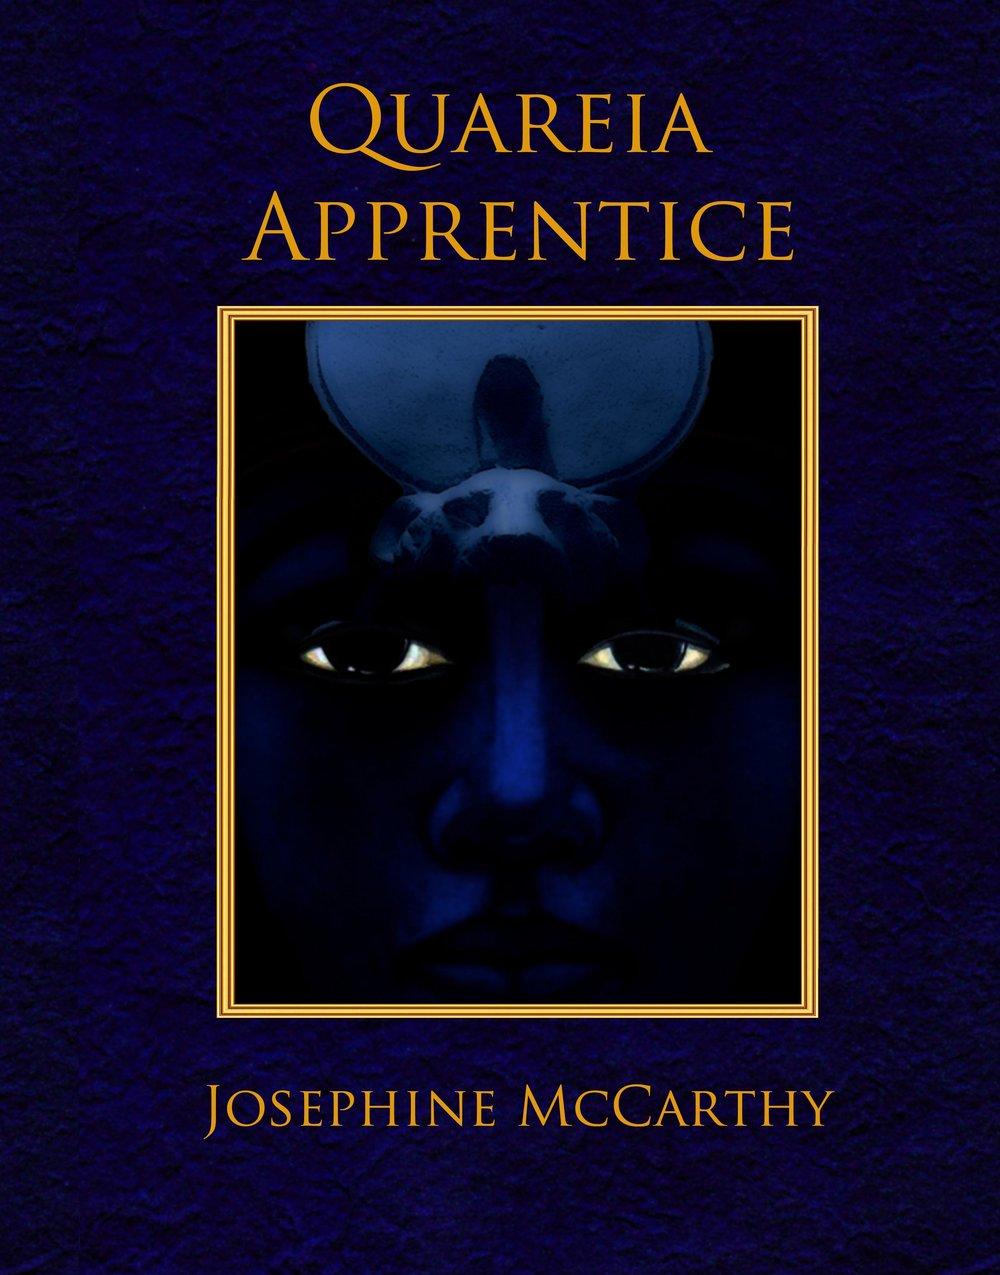 apprentice hardback.jpg